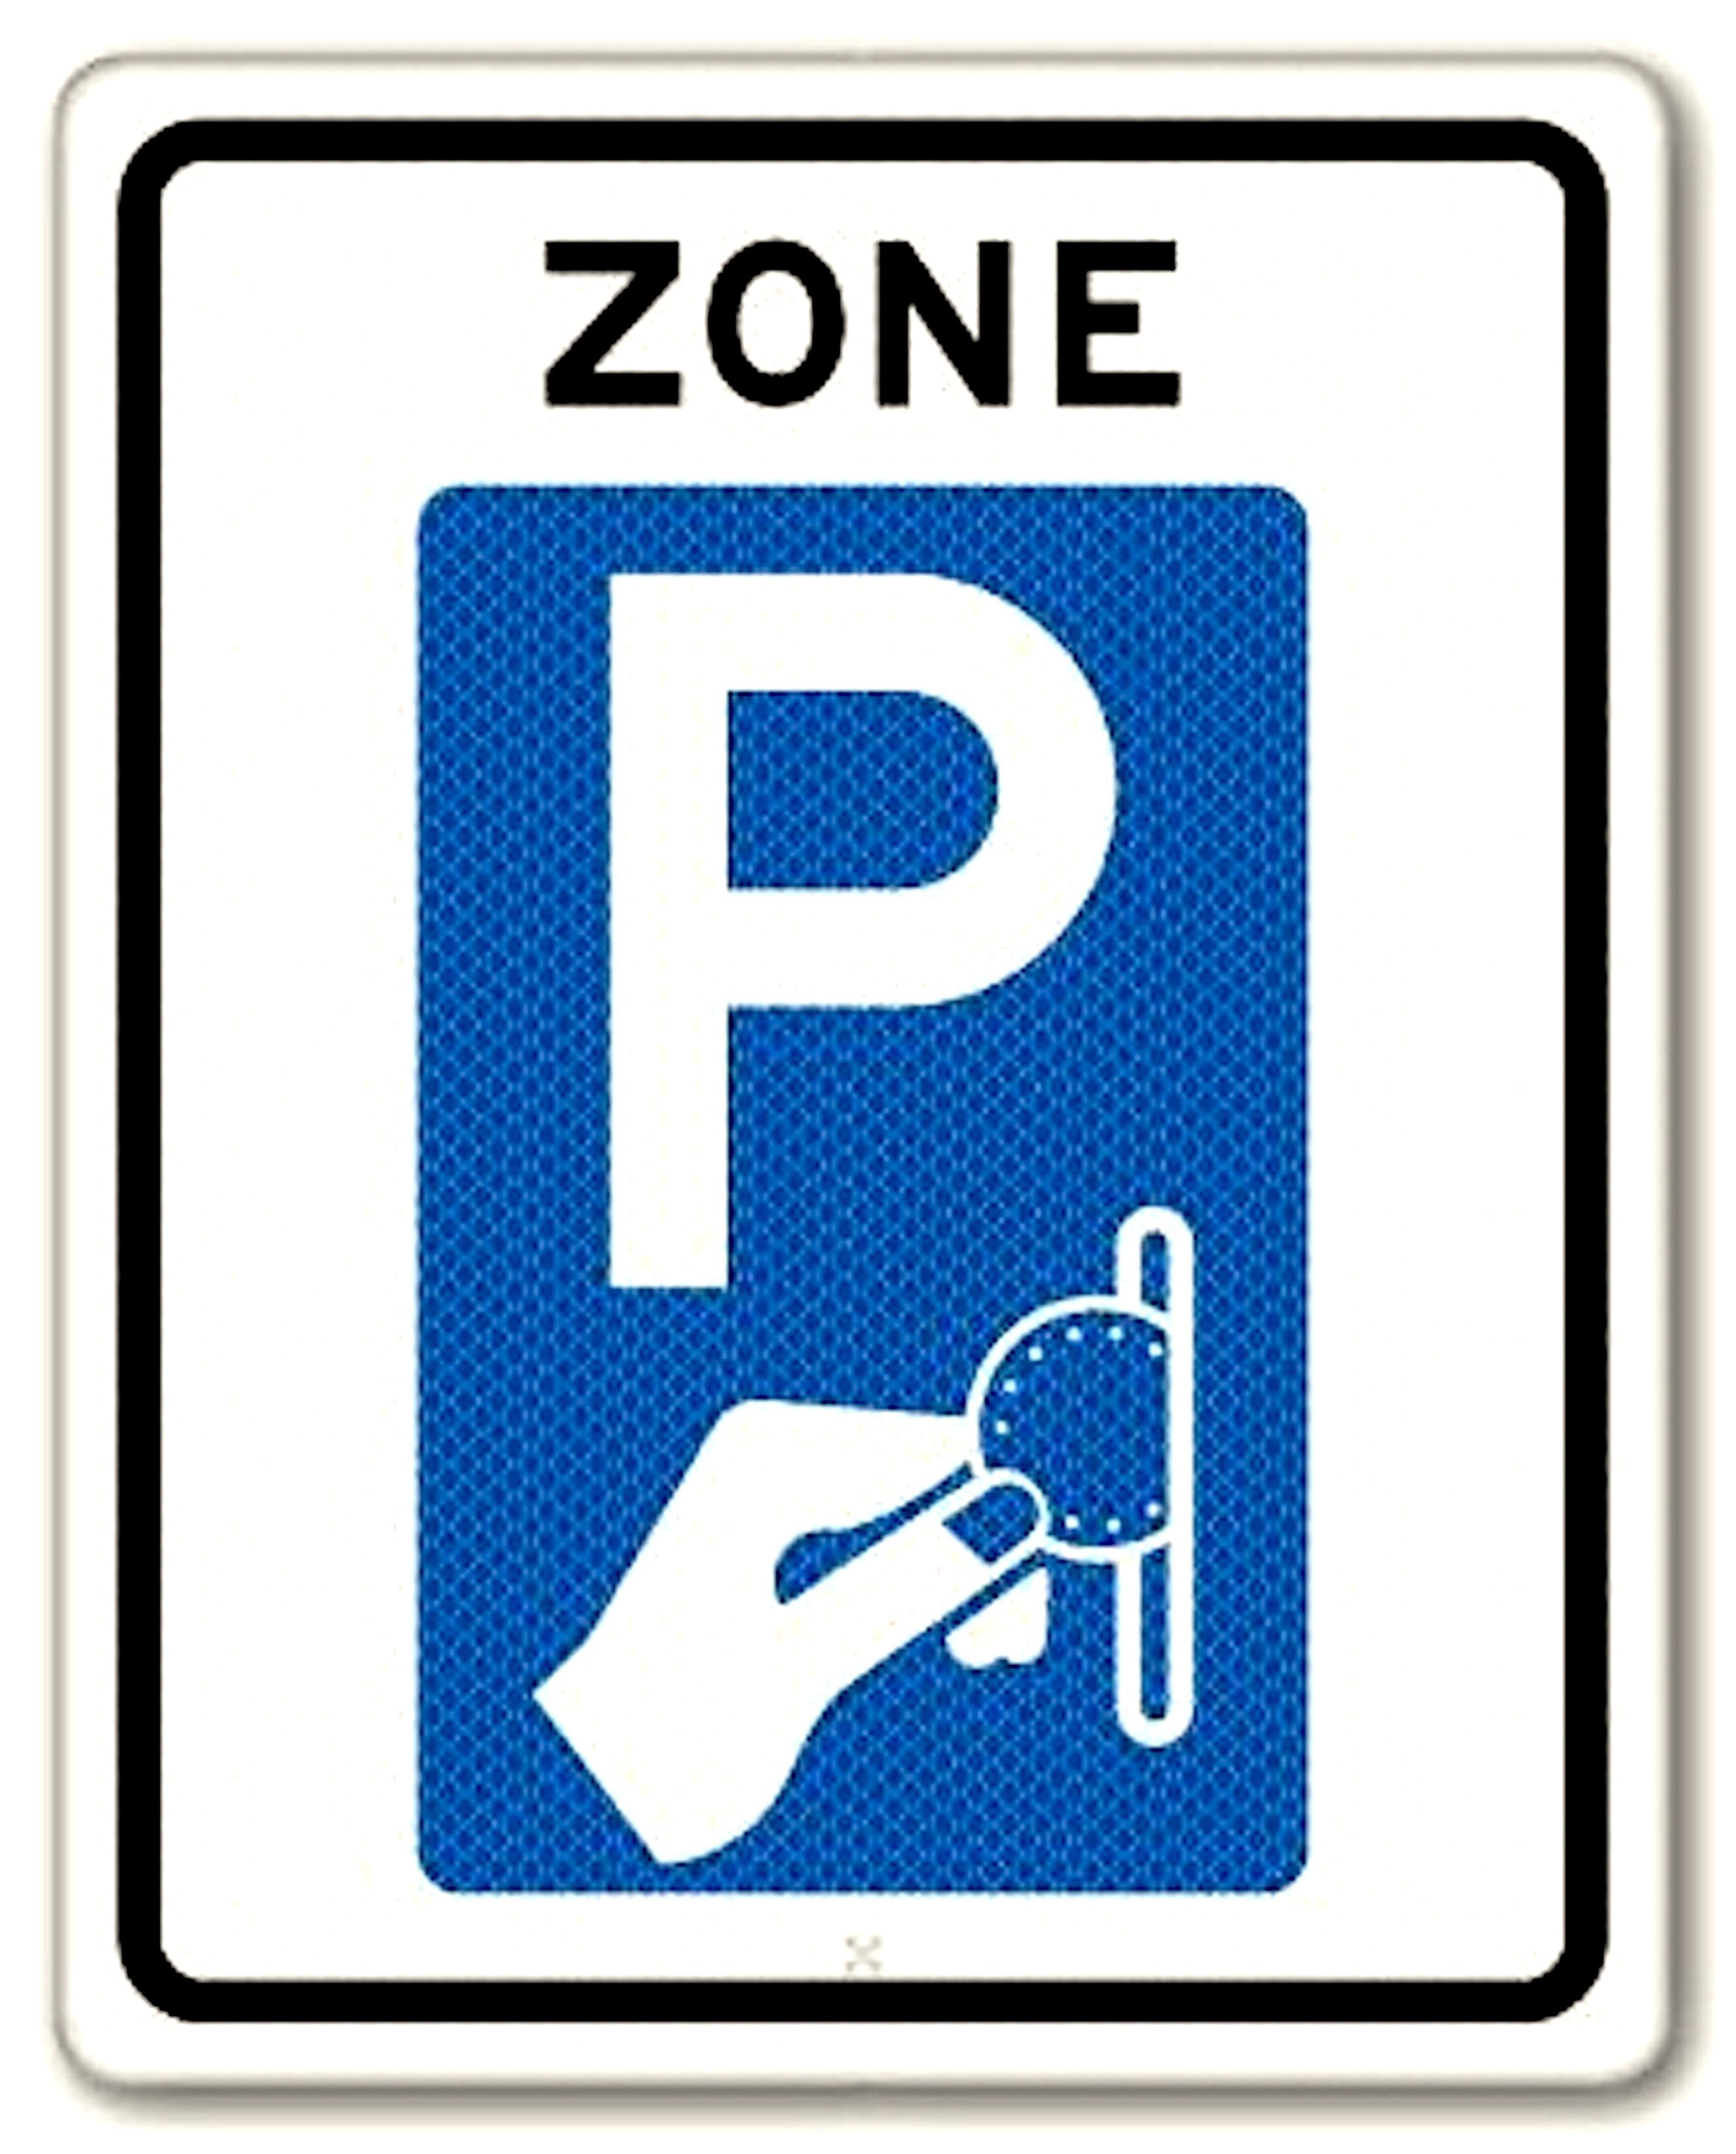 betaald-parkeerzone-foto-flitsservice